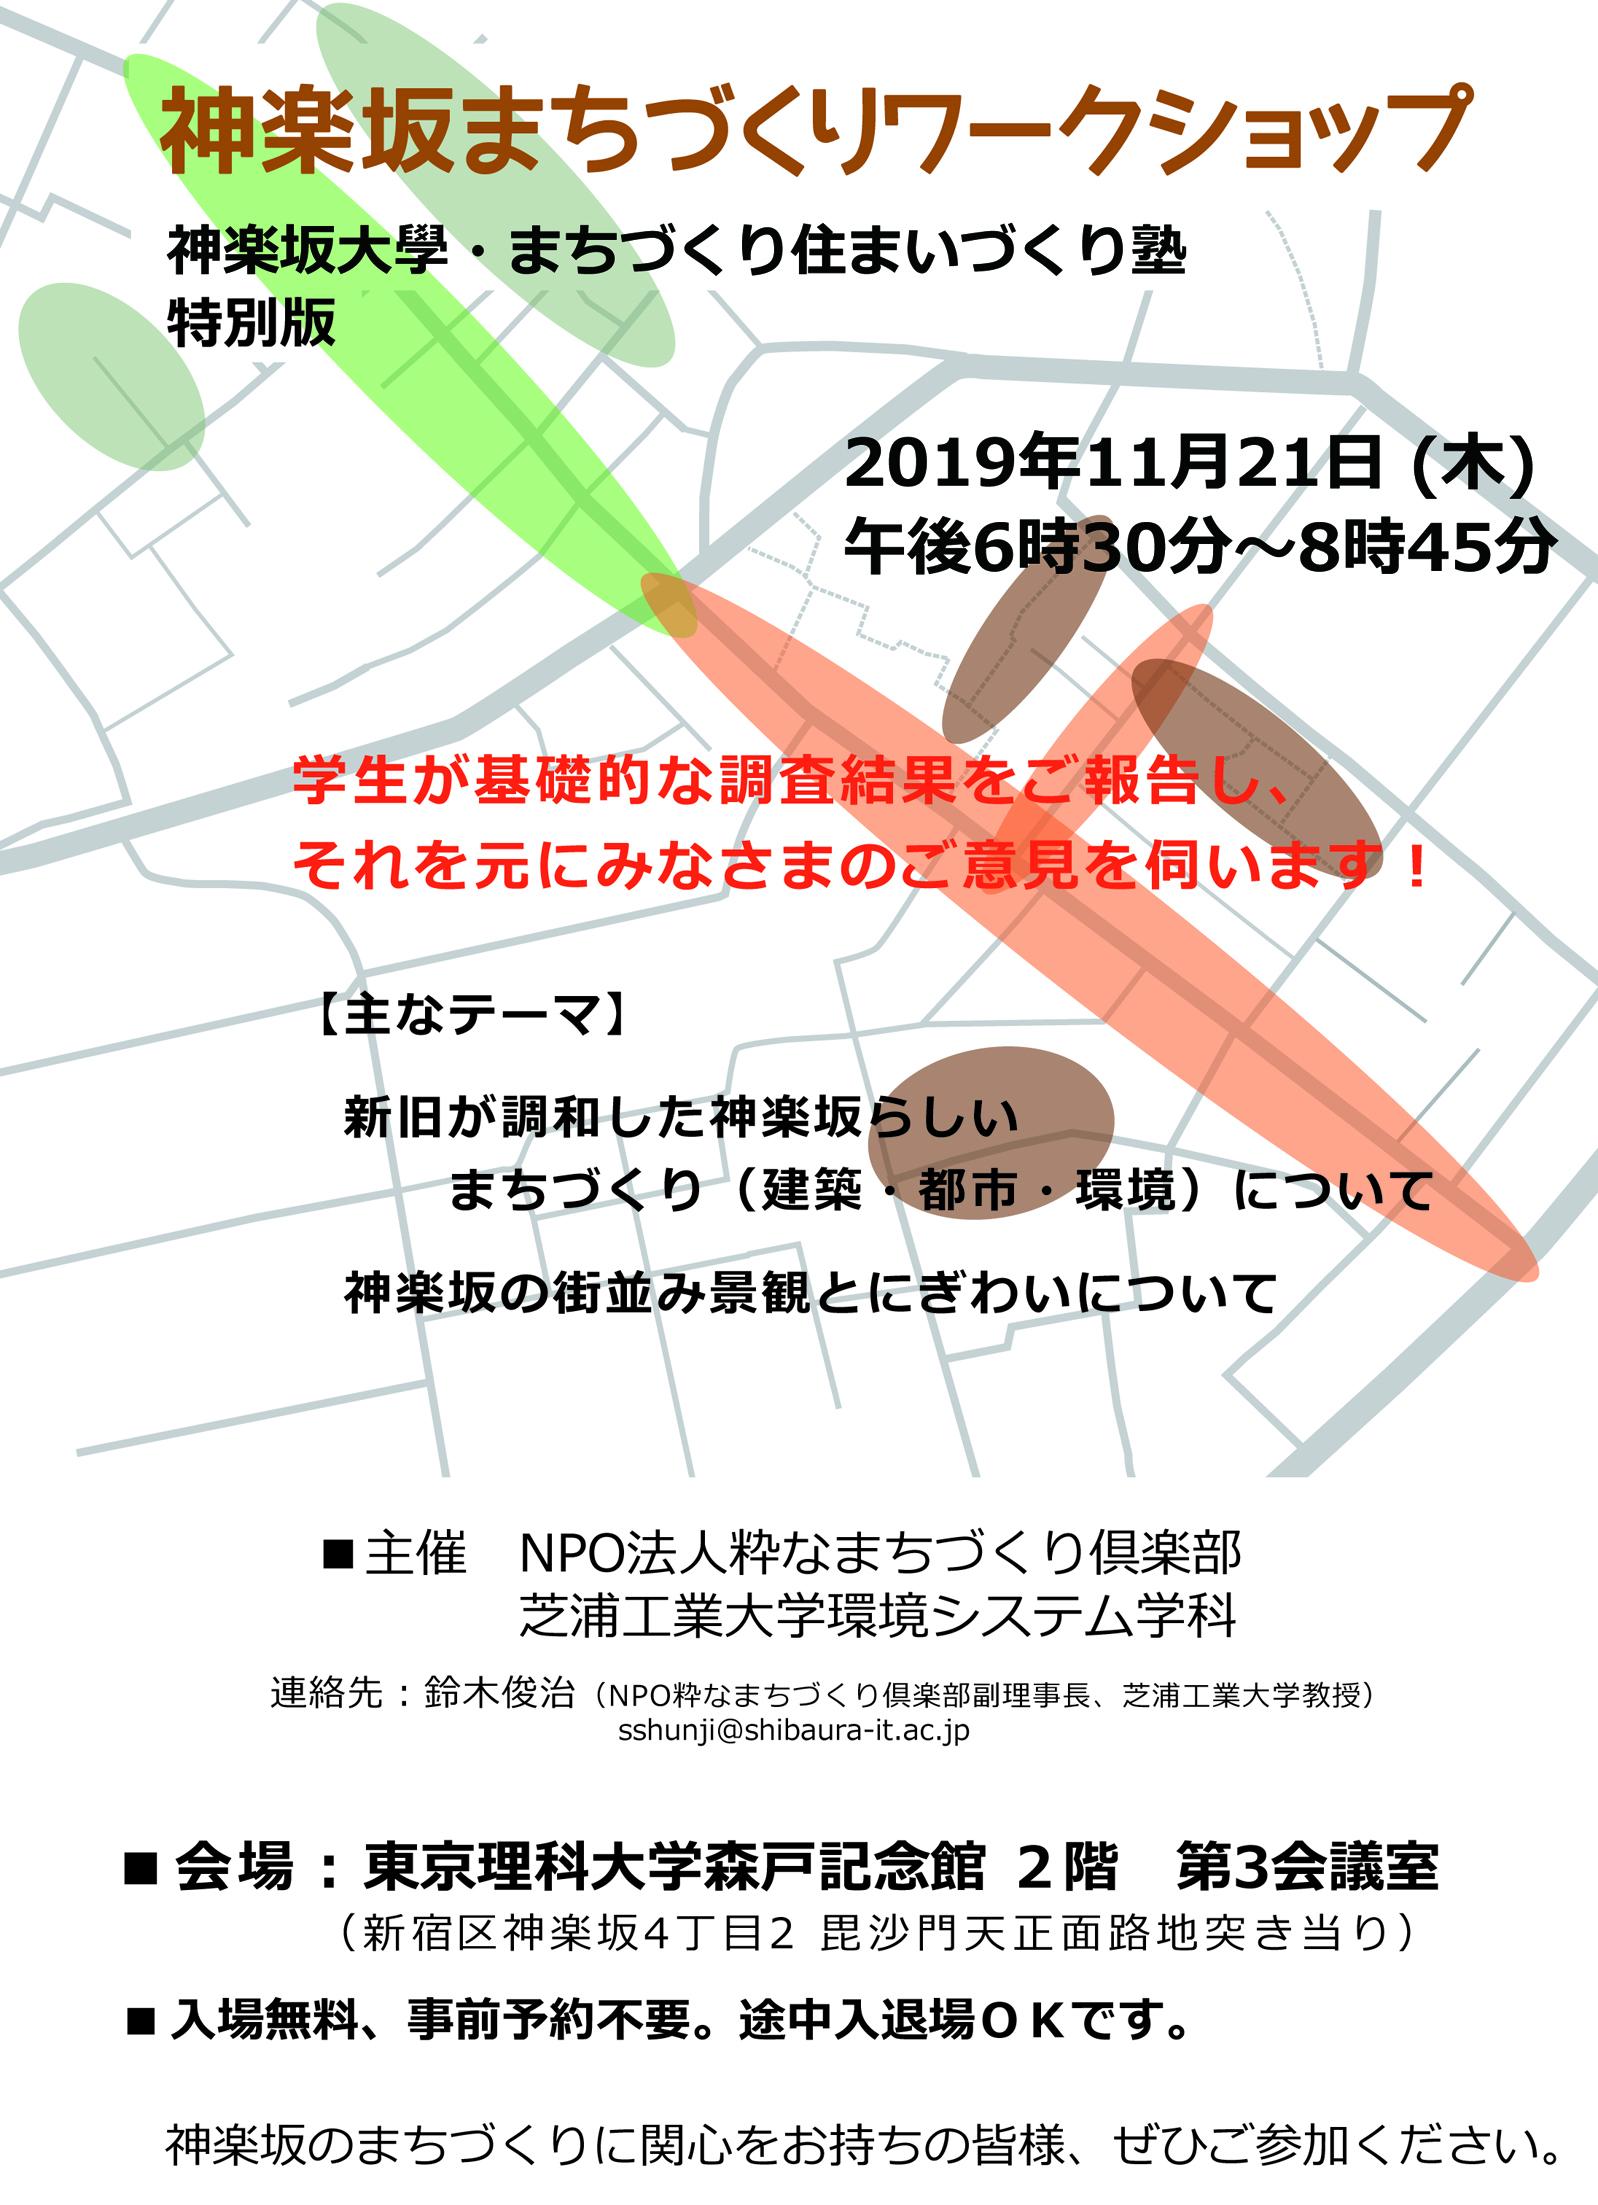 20191121 芝浦工大 神楽坂ワークショップポスター